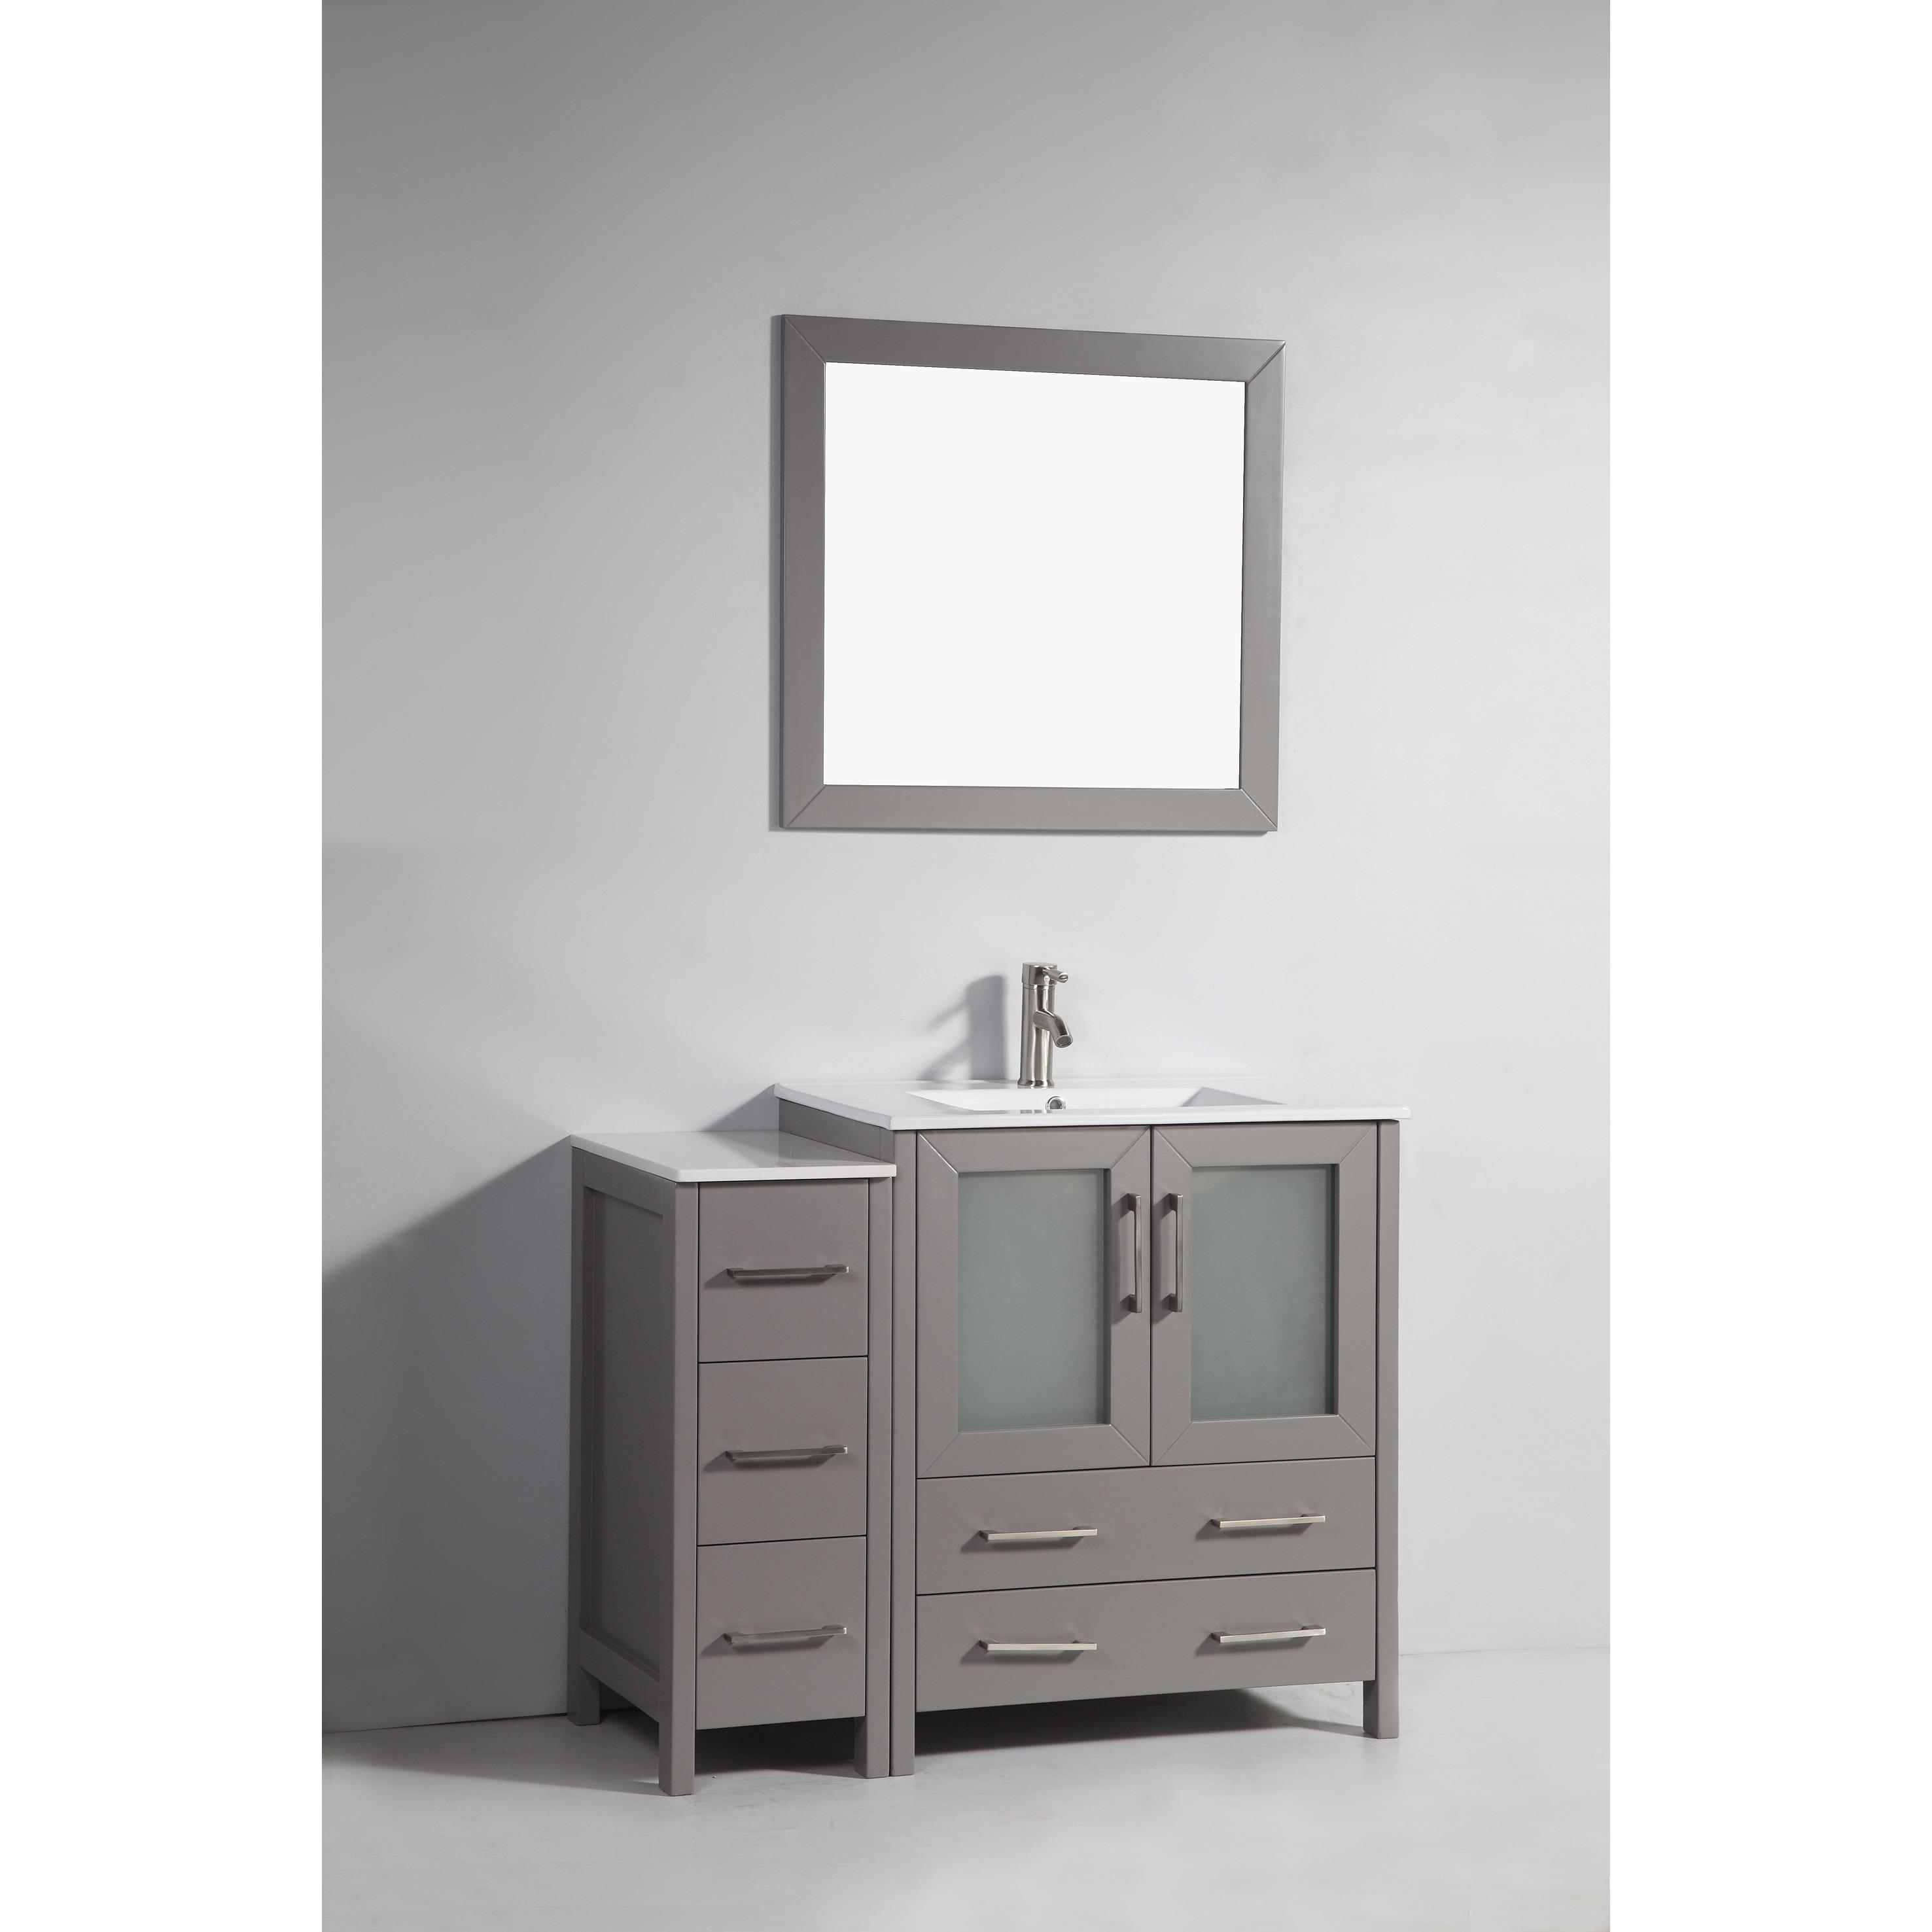 cheap bathrooms unique photos bathroom com with cabinets htsrec top of sink vanity elegant